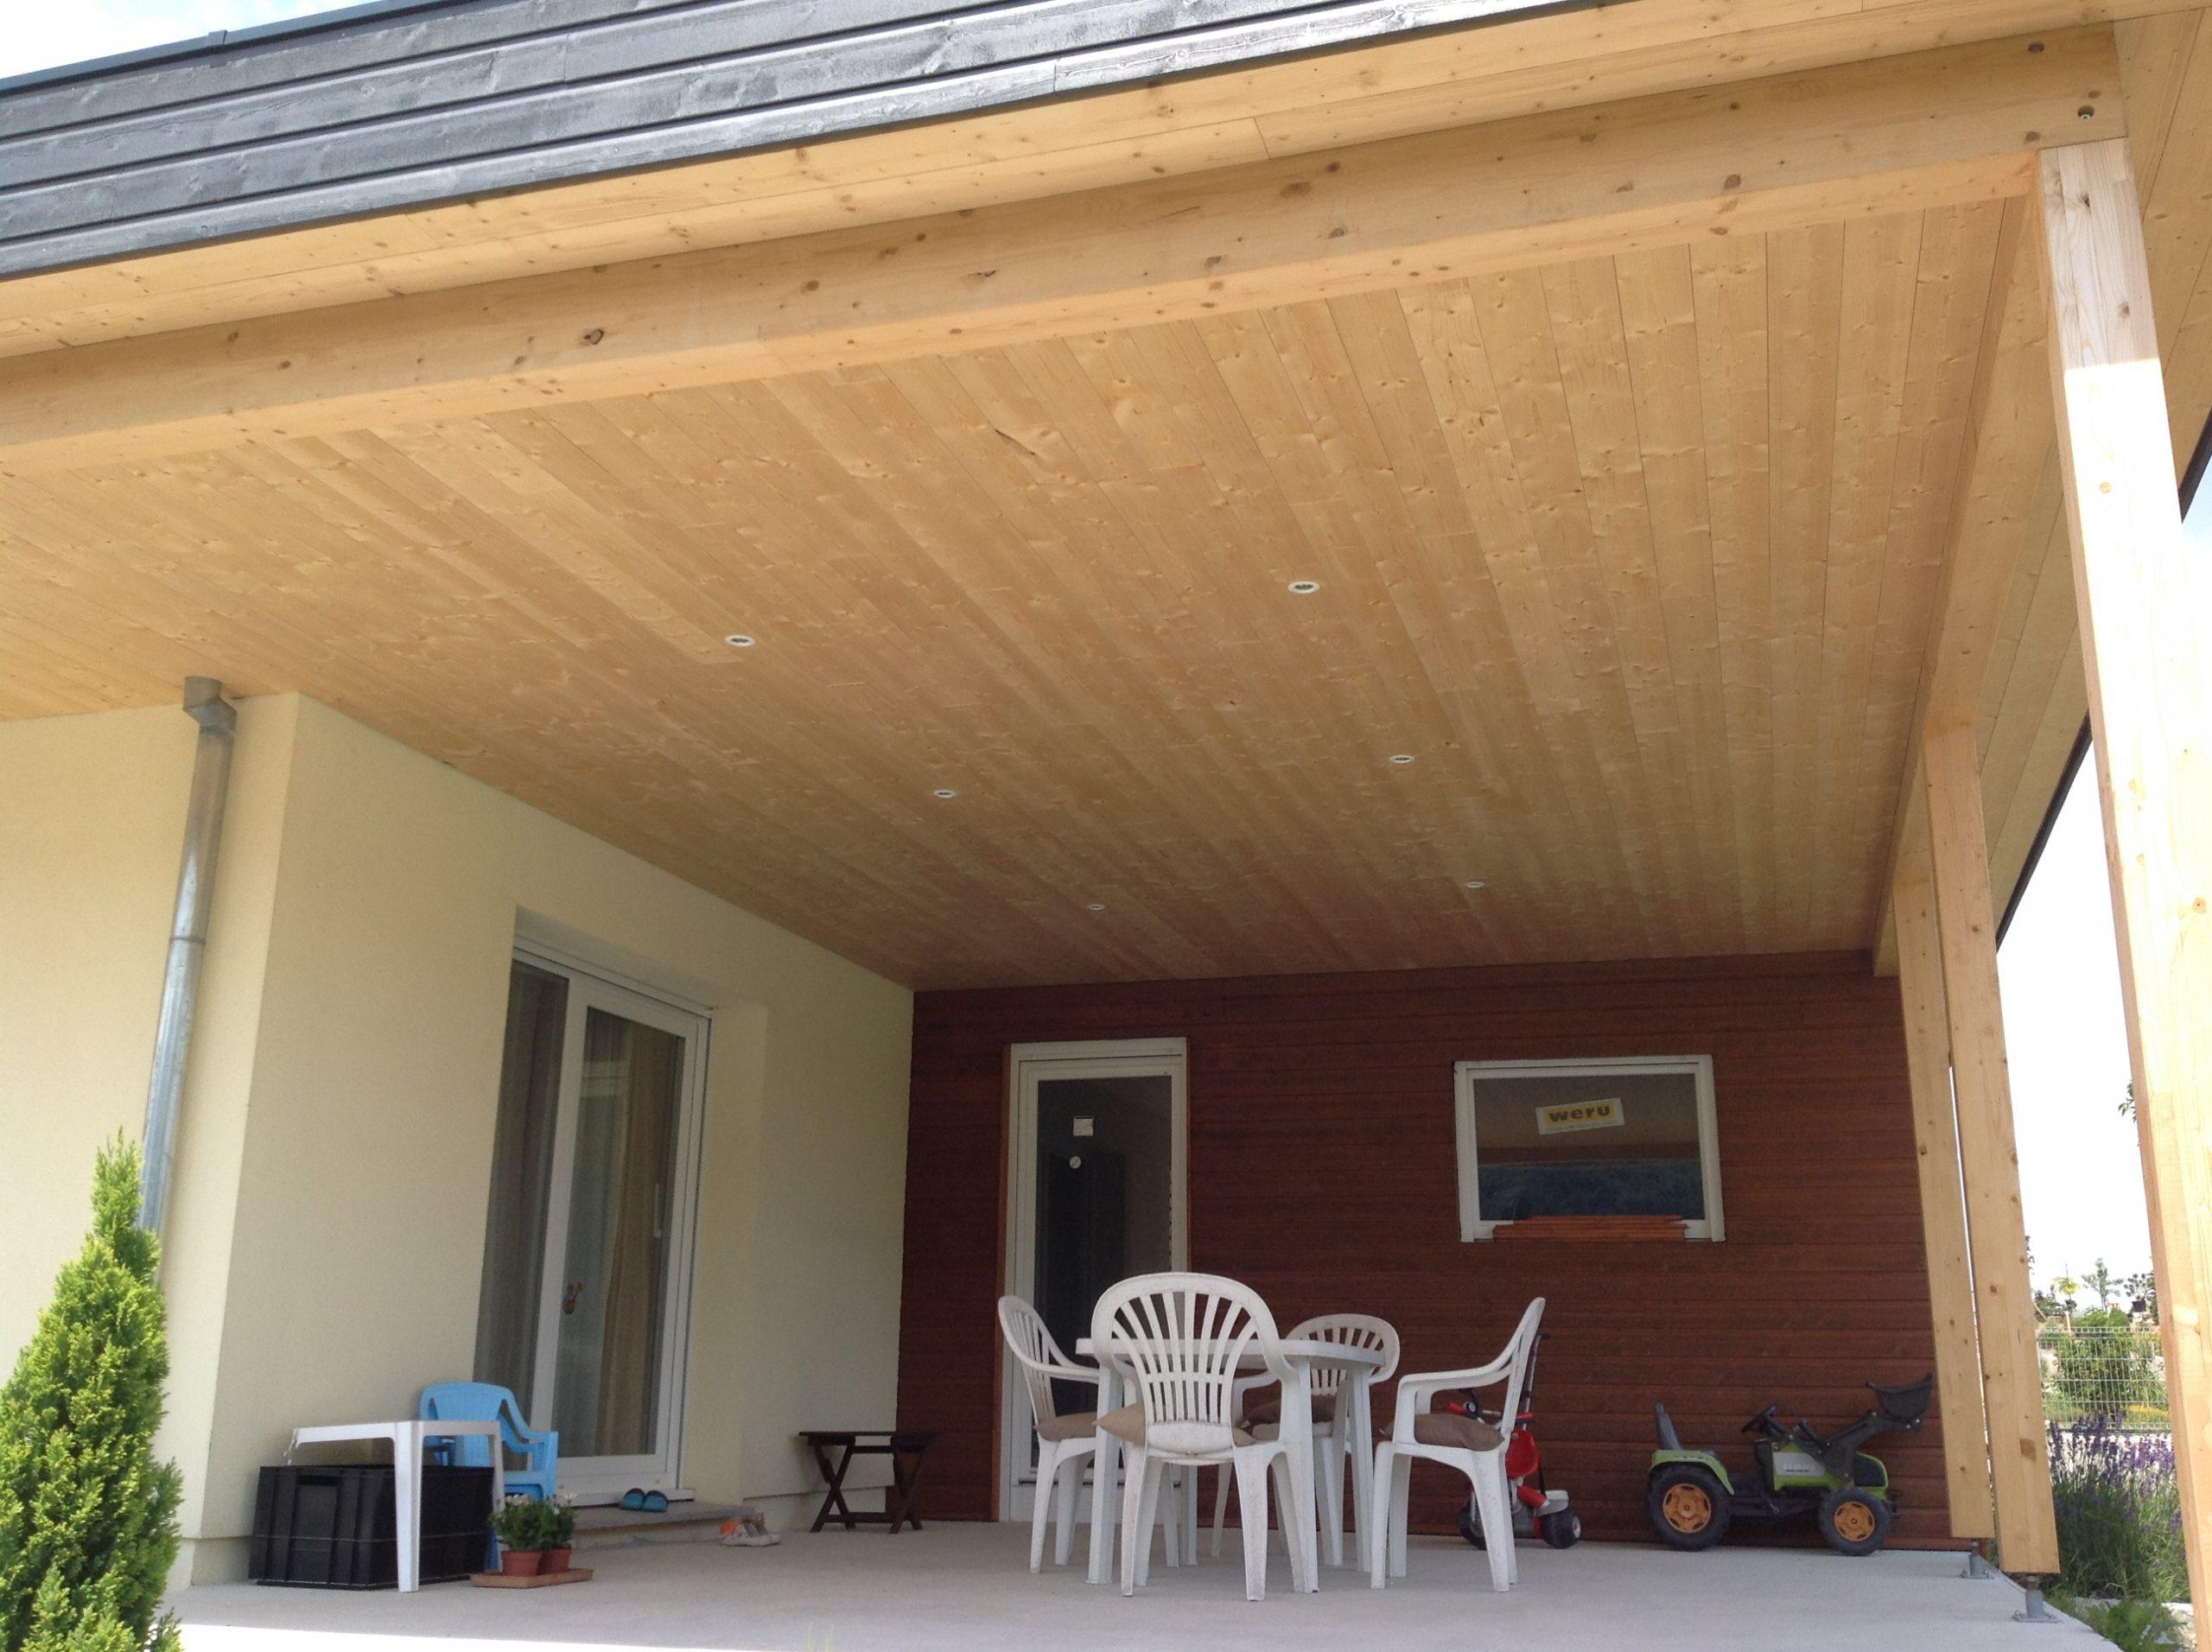 Terrasse Toit Plat Et Garage Attenant - Abt Construction Bois avec Terrasse Couverte Avec Poteaux Beton